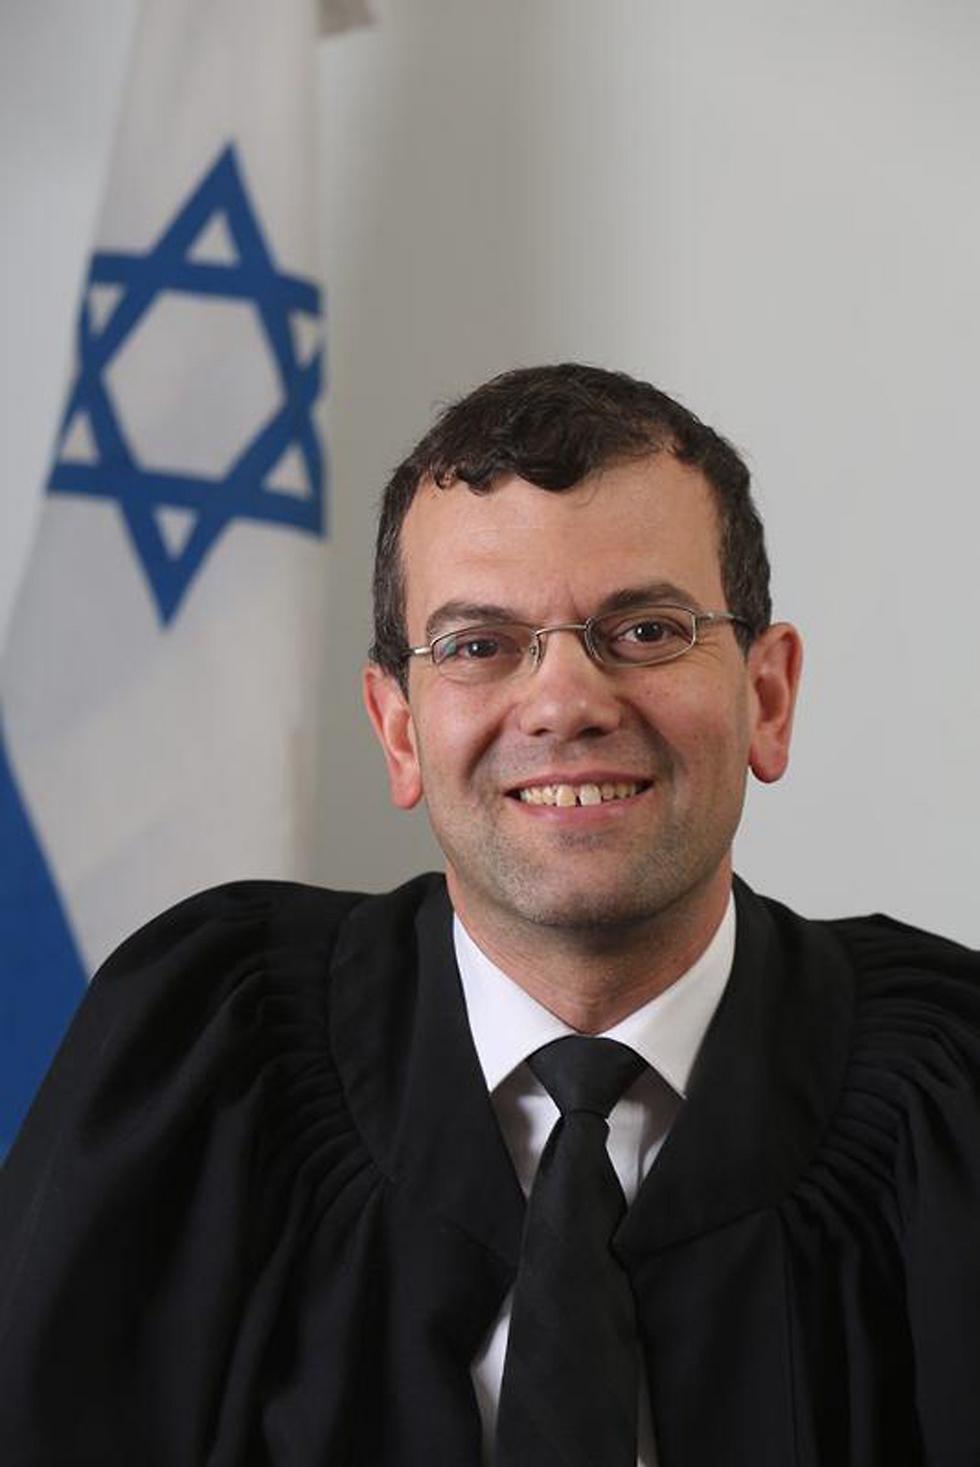 השופט שמואל הרבסט (באדיבות אתר הרשות השופטת)